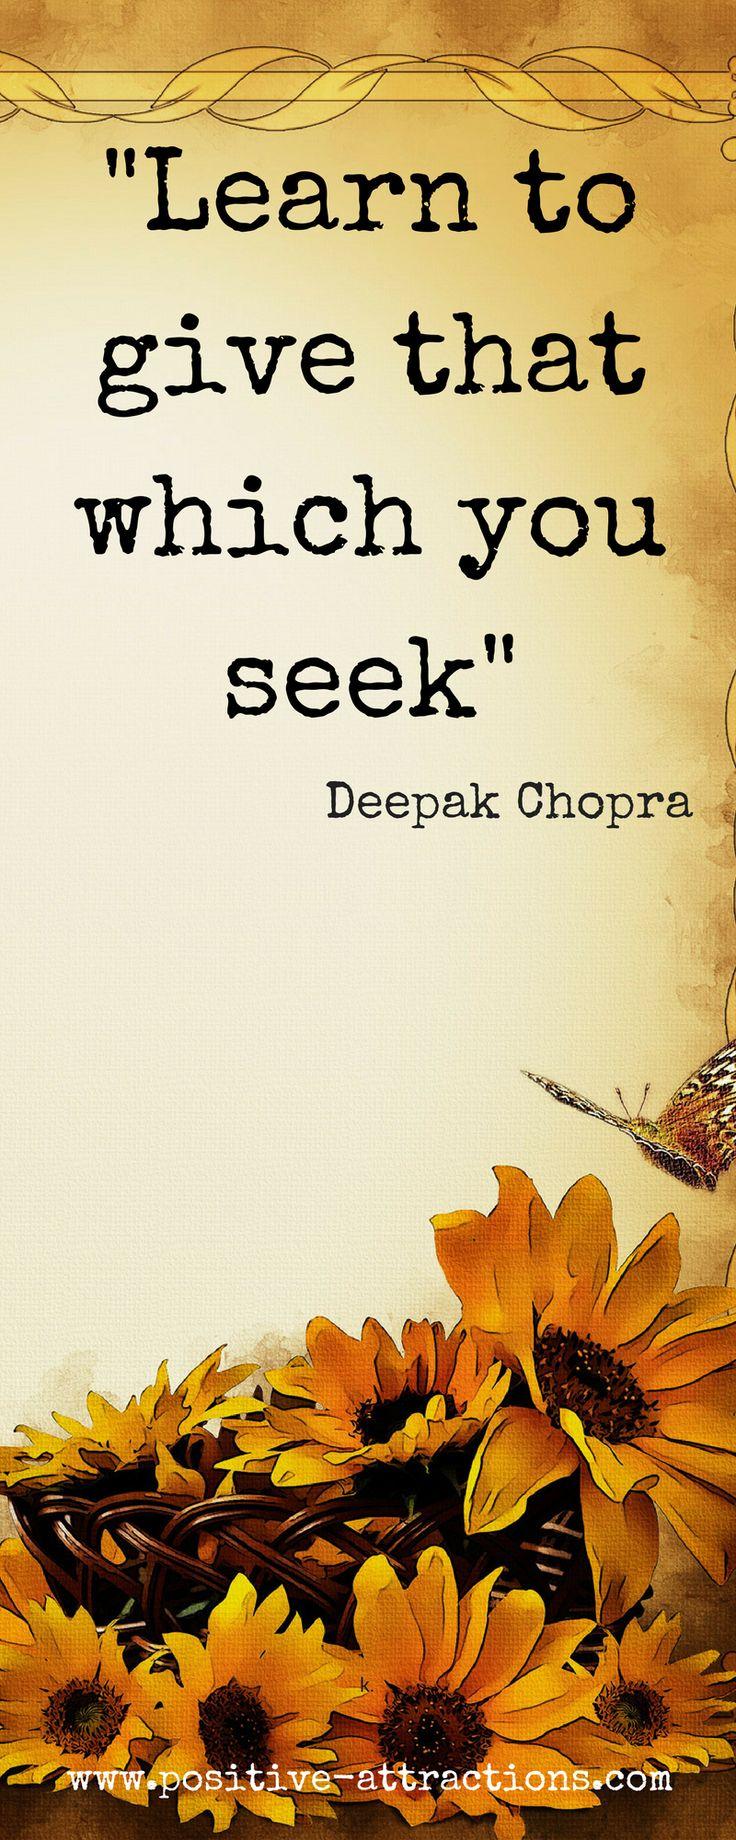 Learn to give that which you seek. ~ Deepak Chopra